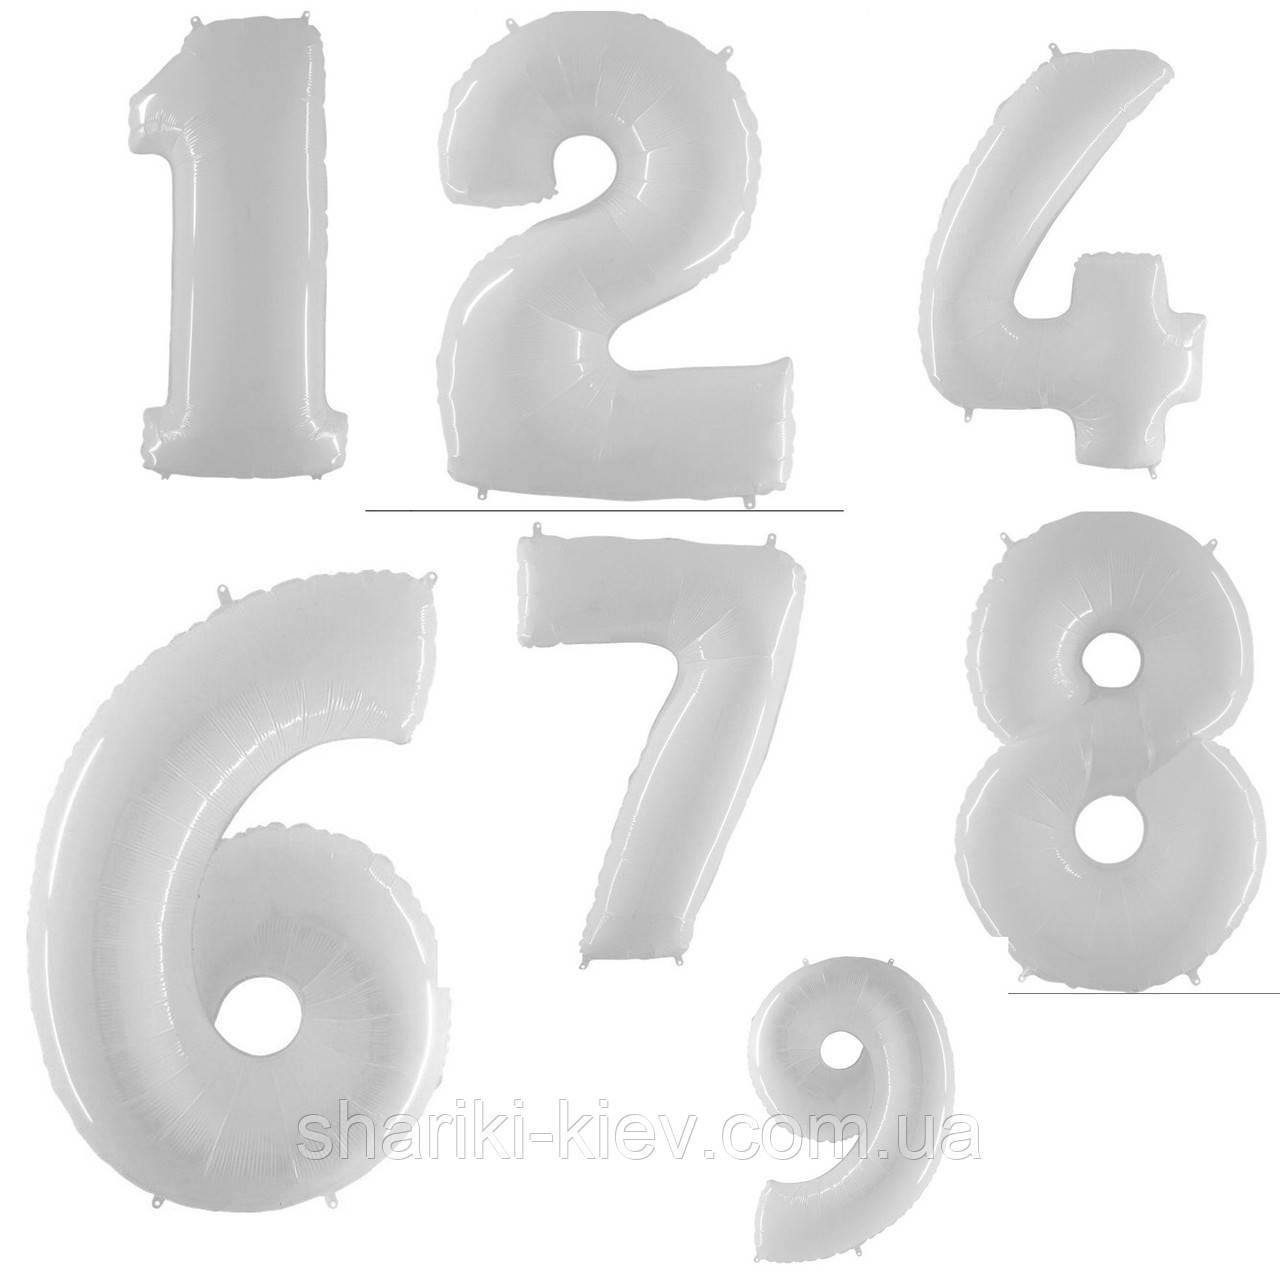 Цифра Белая с Гелием Фольгированная 102 см